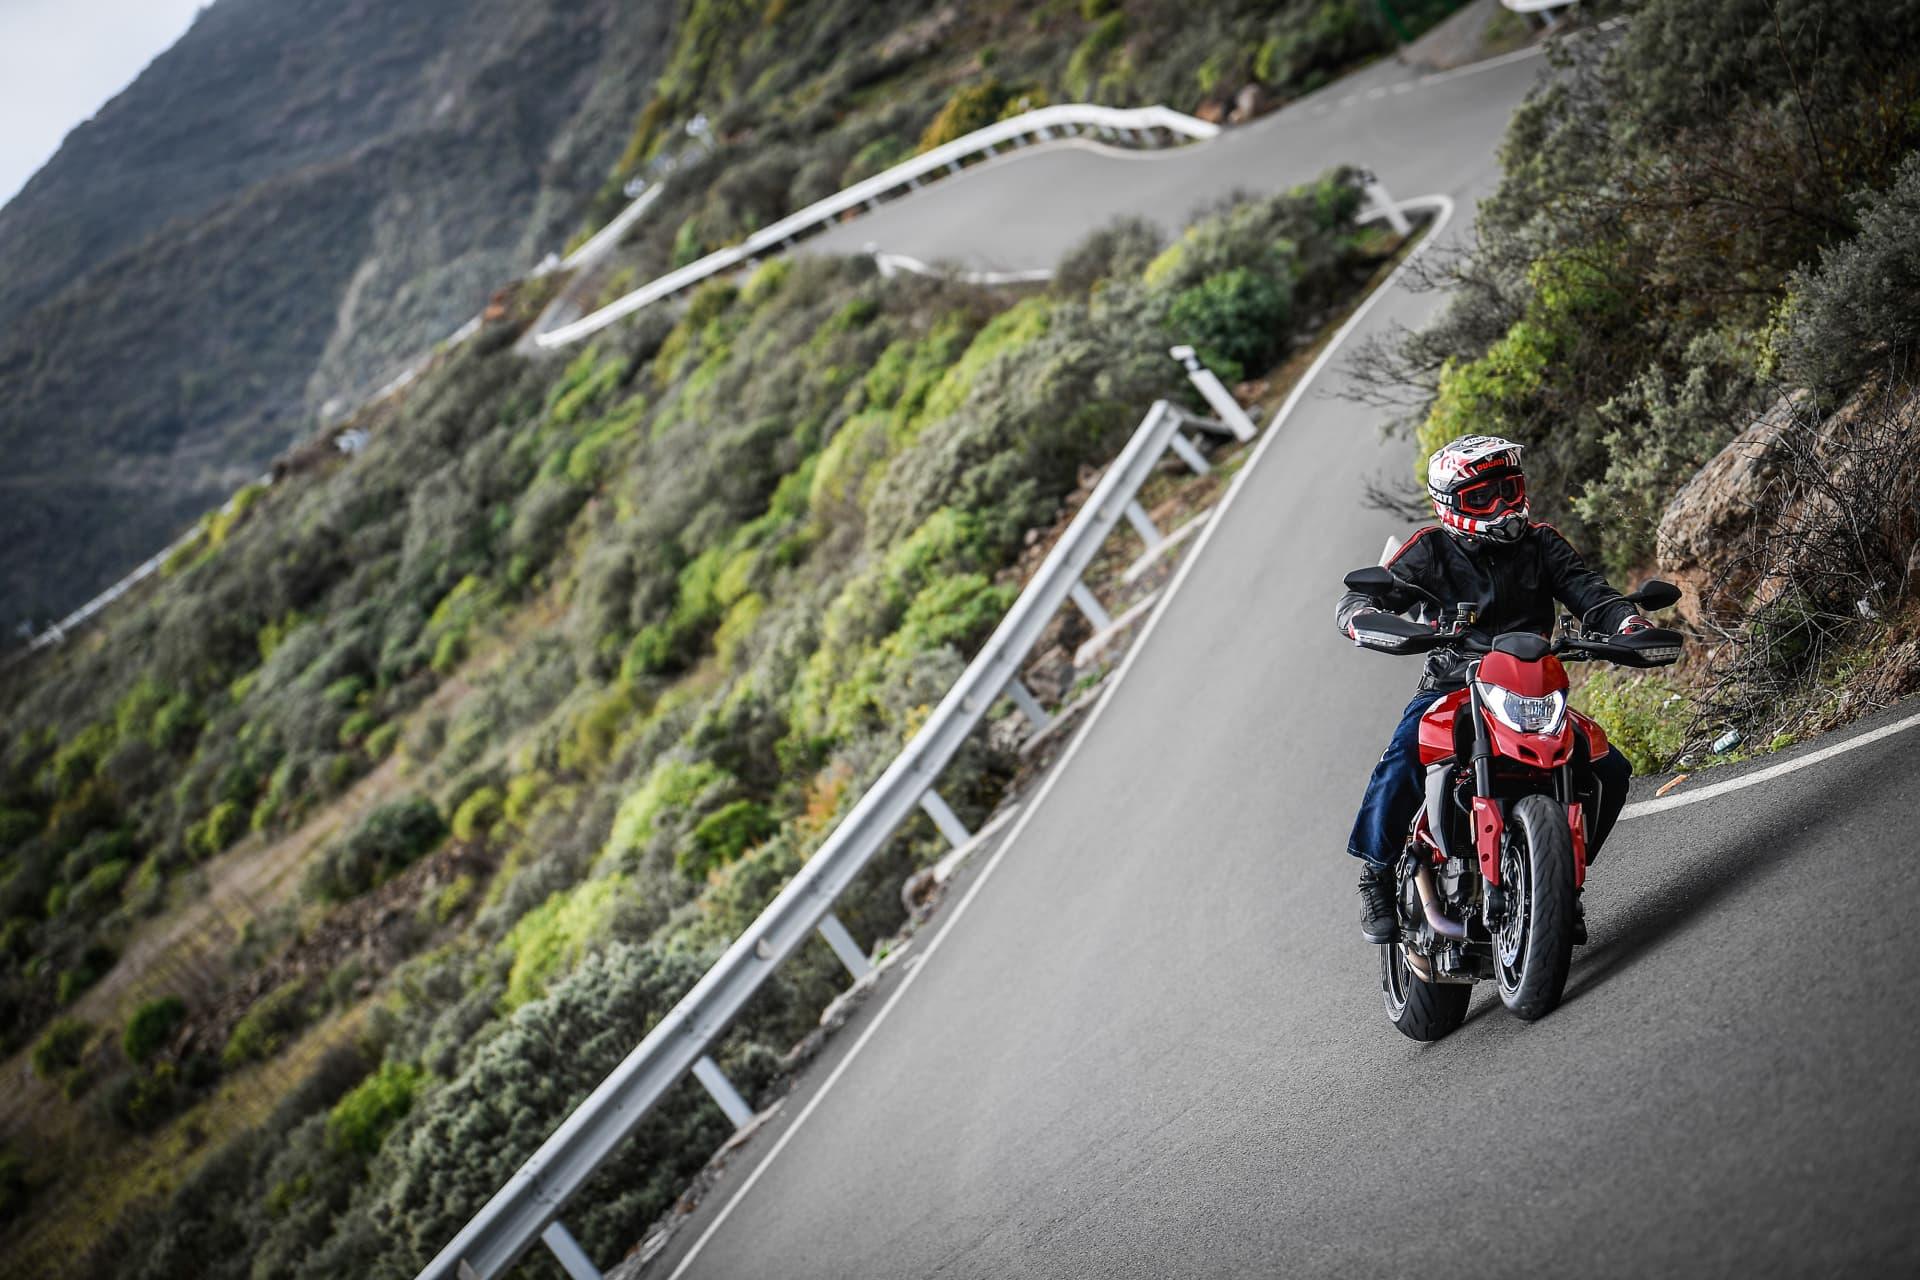 Ducati Hypermotard 950 Action 07 Uc70346 Mid